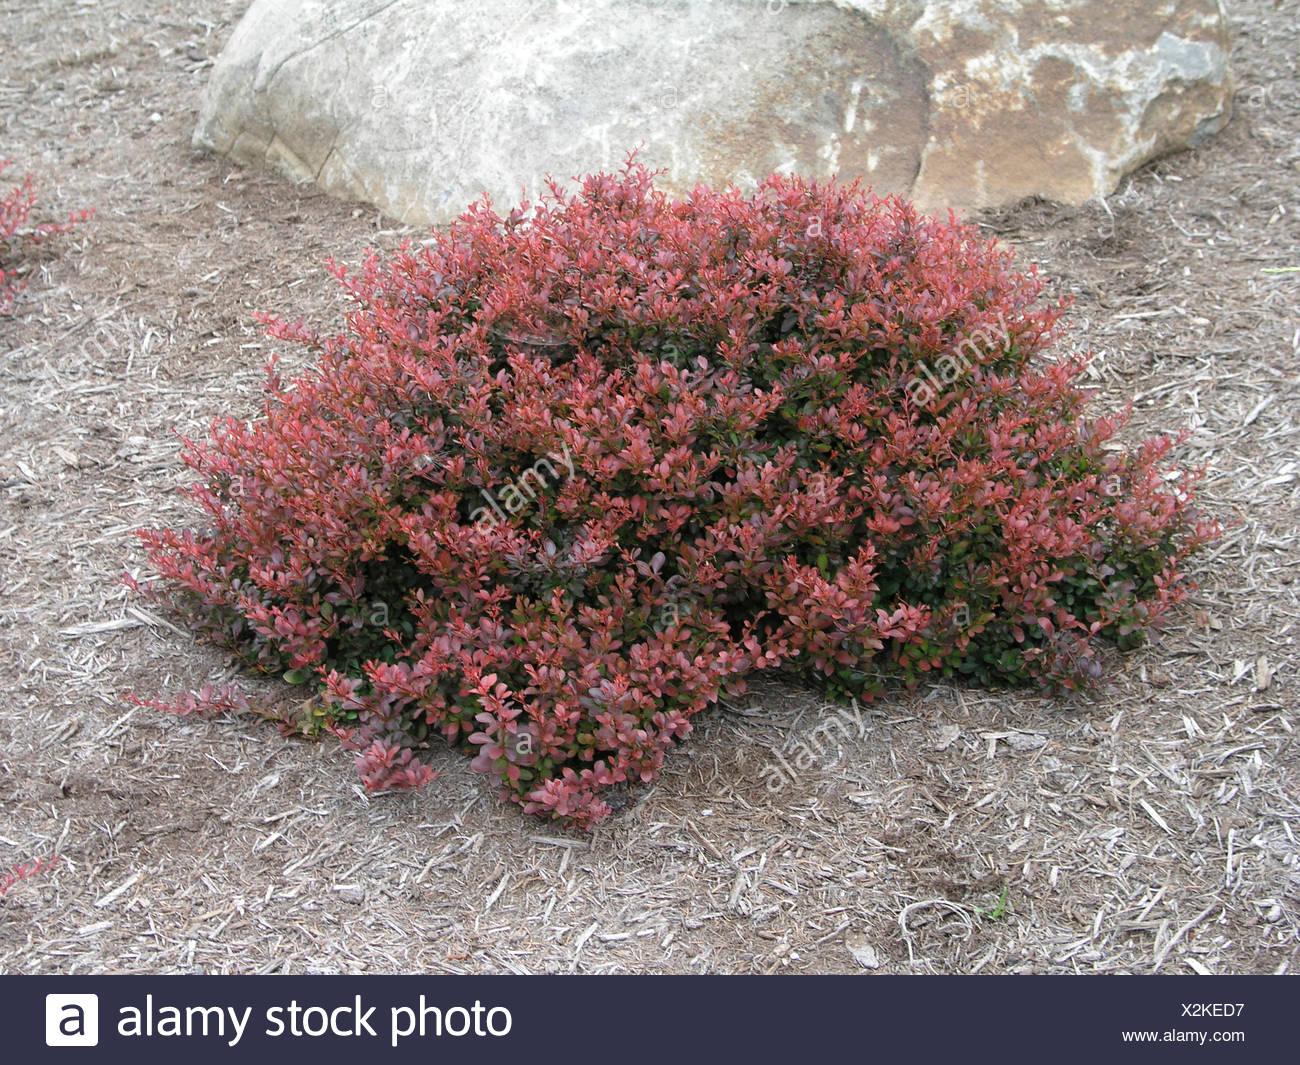 Berberis Thunbergii Atropurpurea Crimson Pygmy Berberis Thunbergii At...